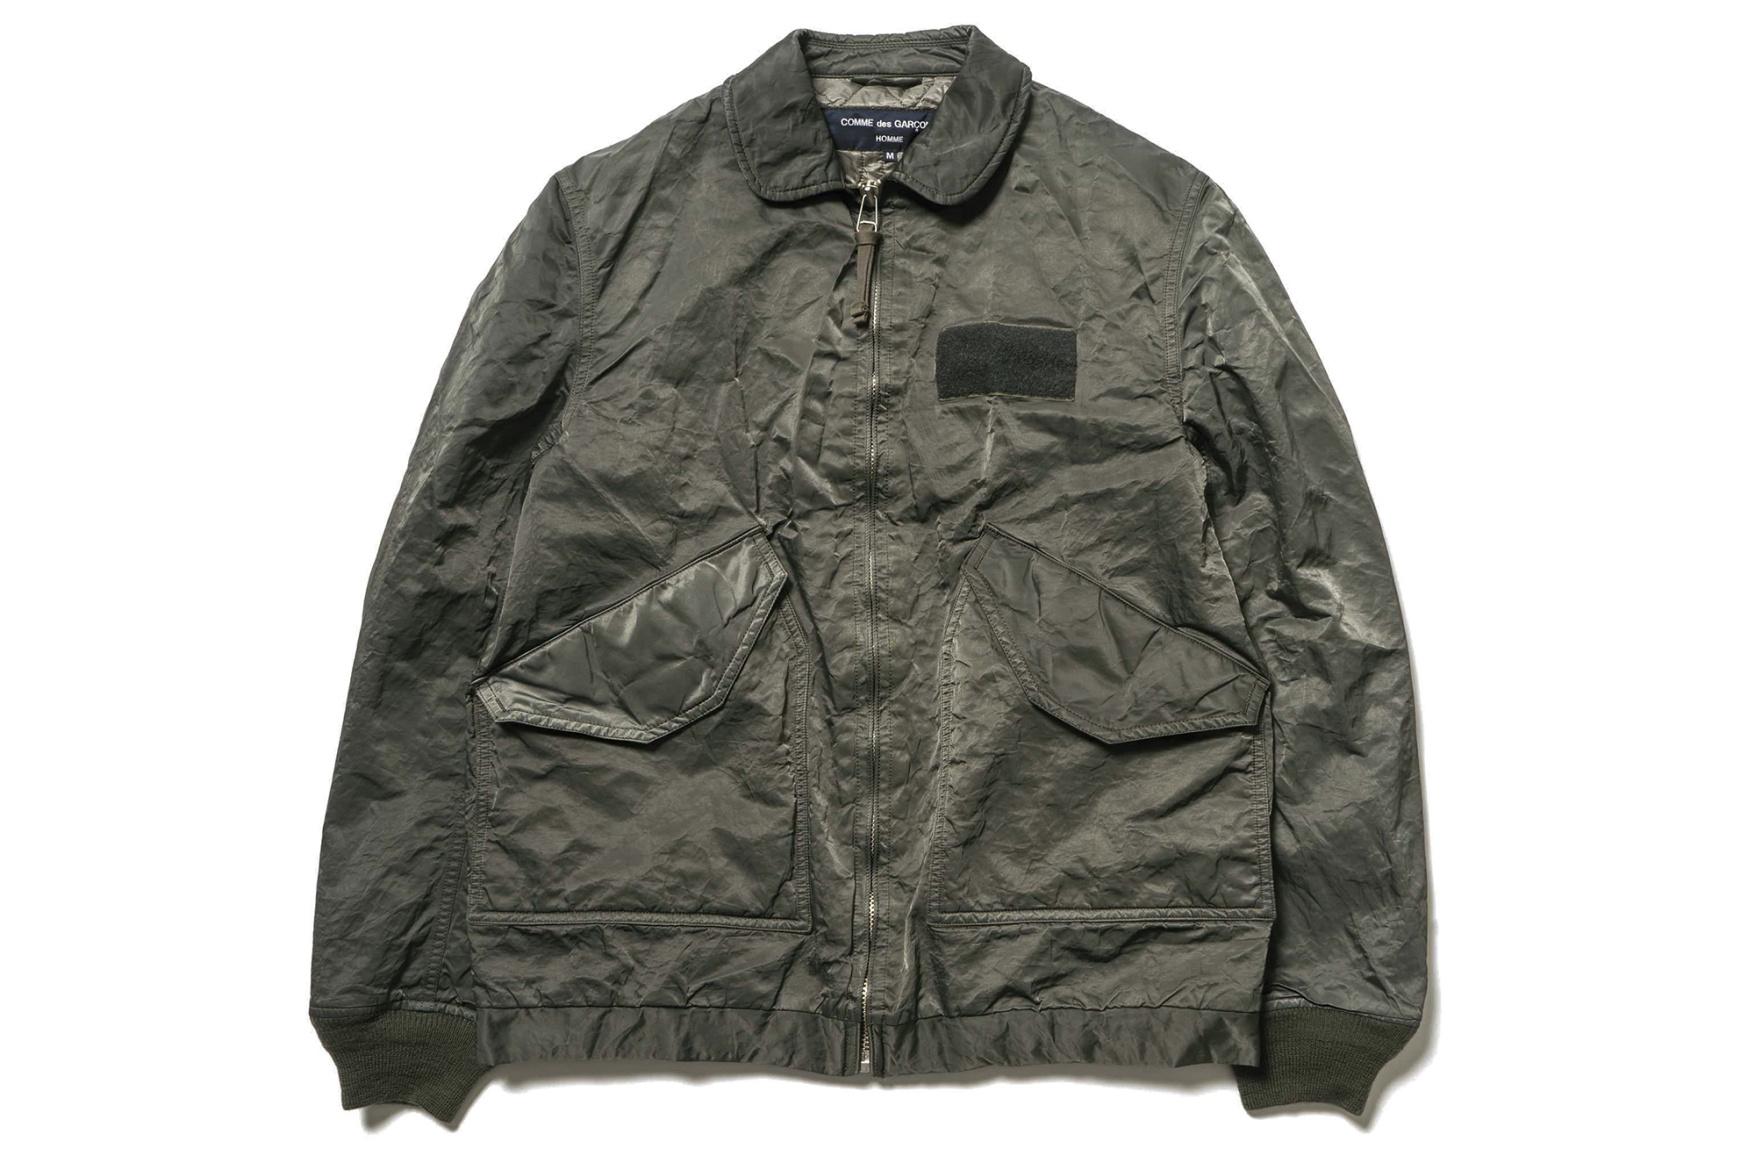 Comme des Garçons Homme dévoile une nouvelle collection de vestes